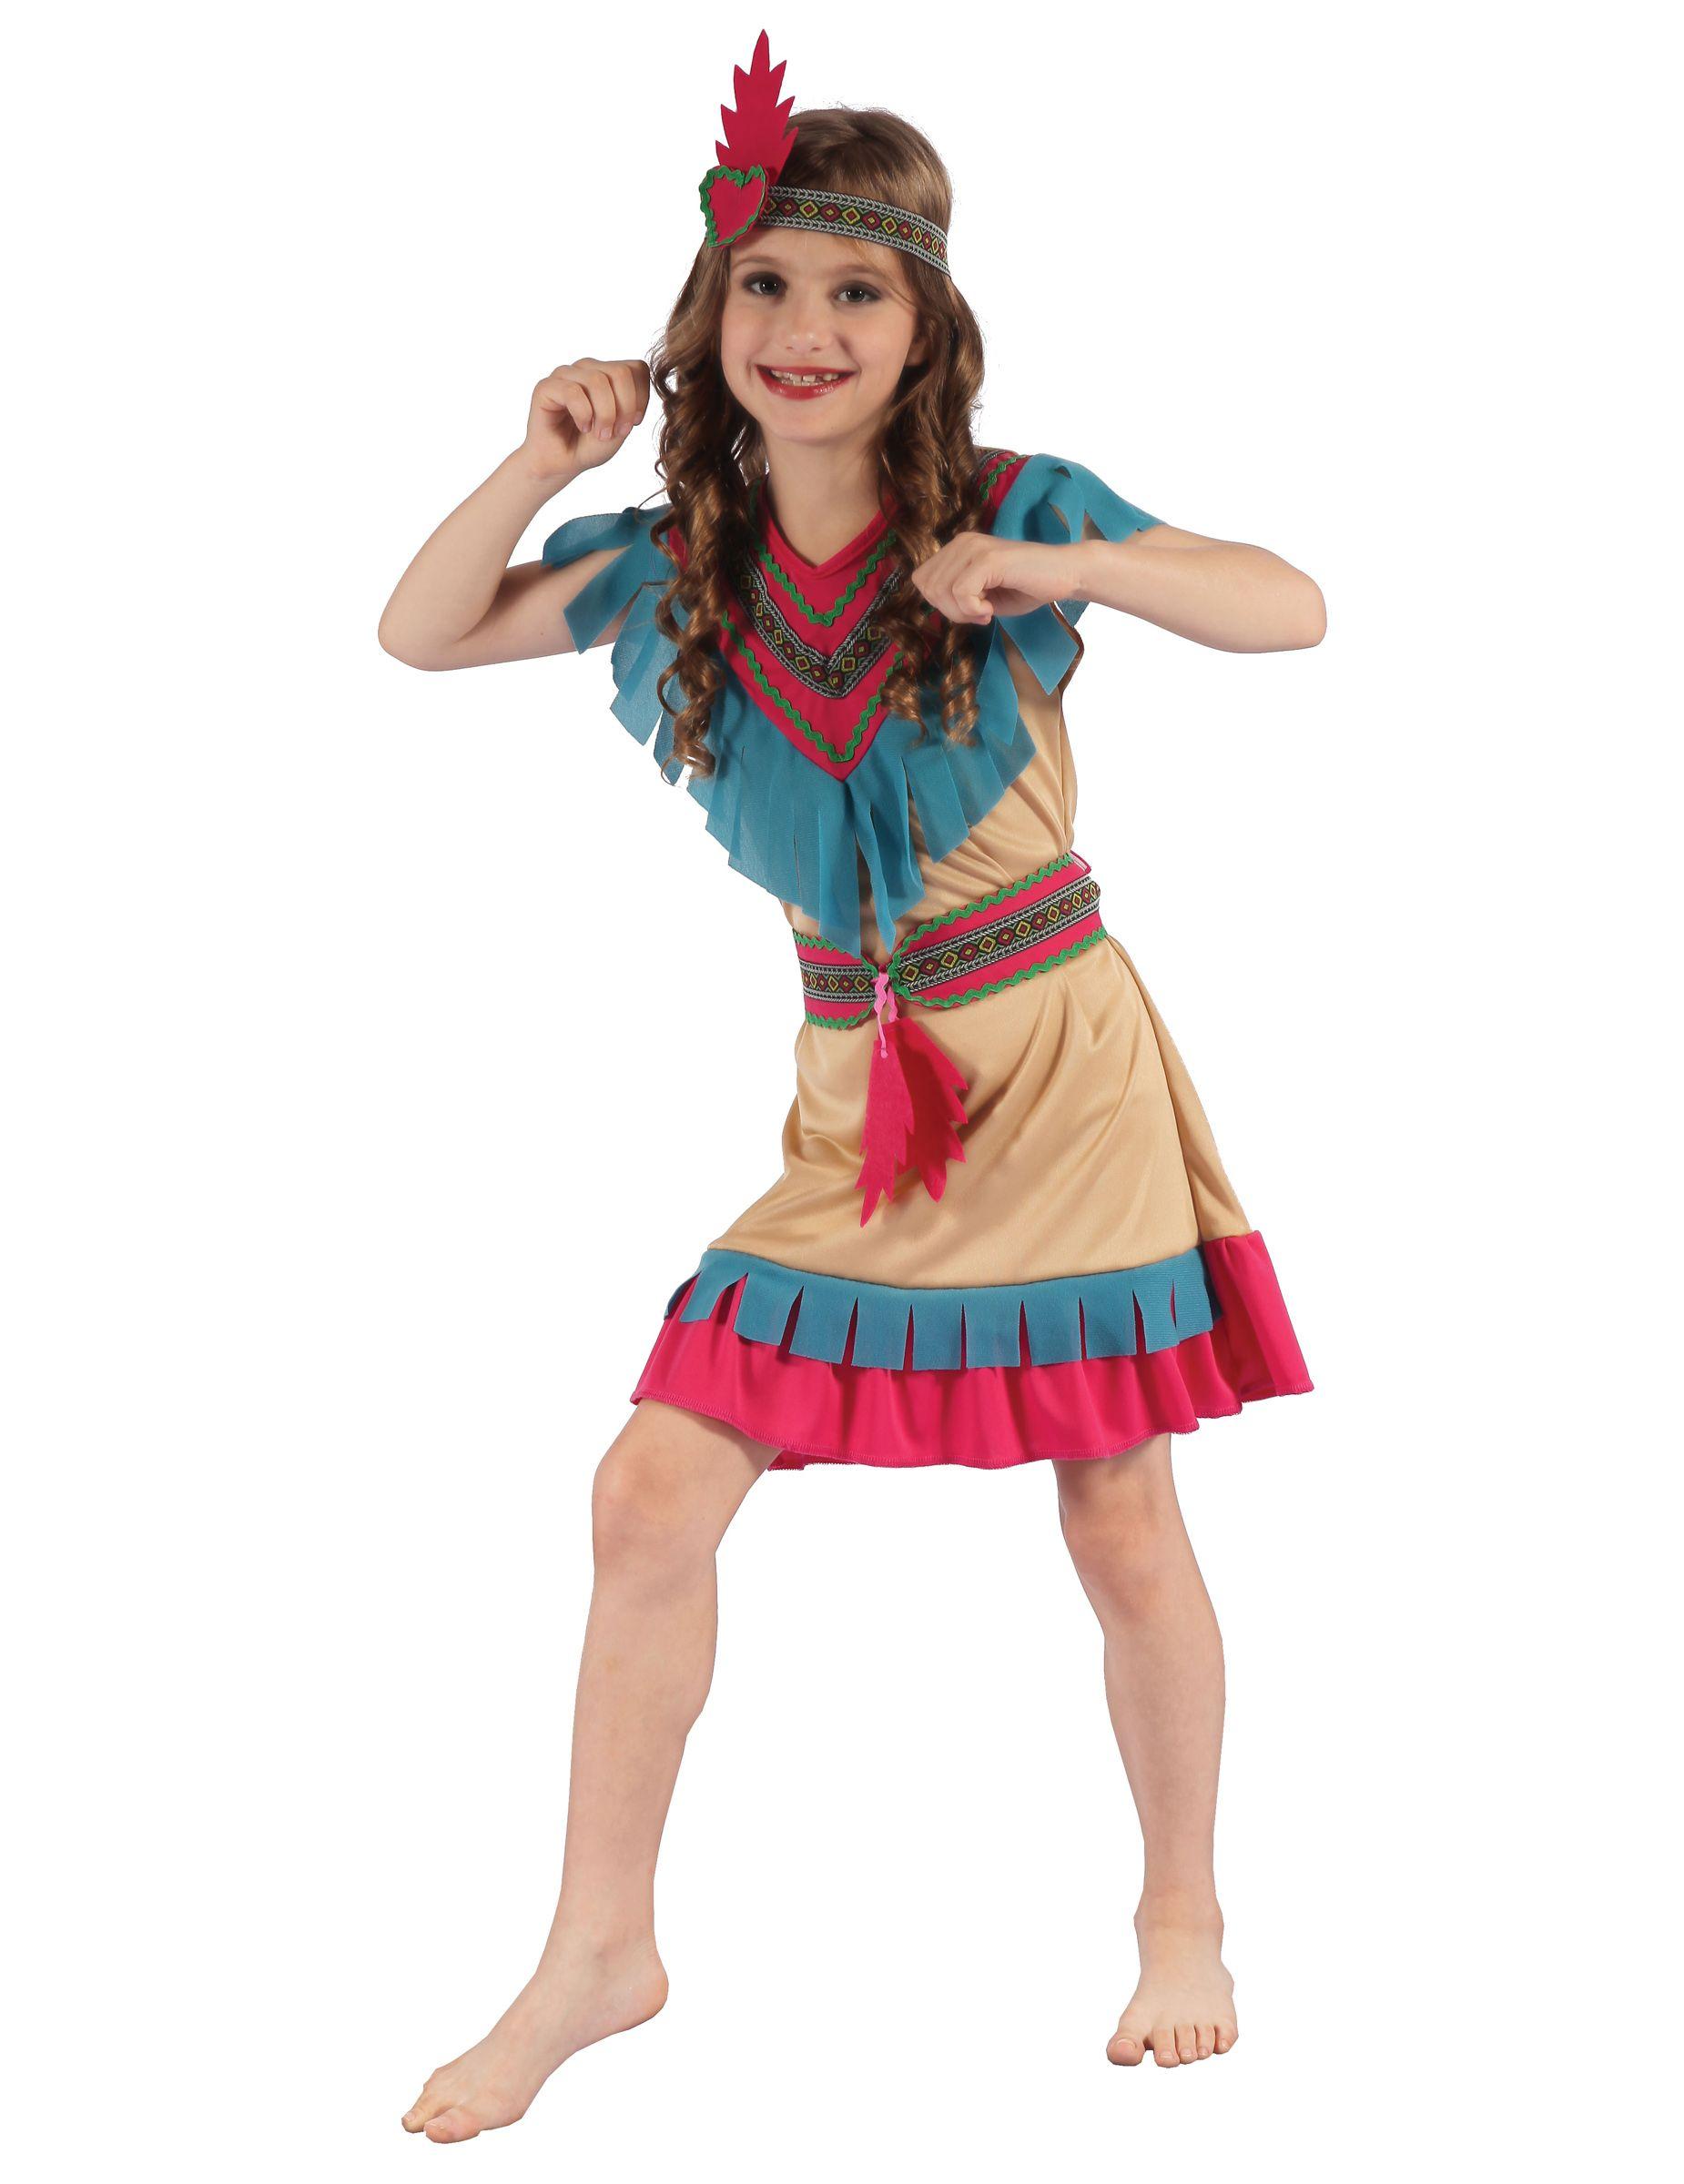 b9fc229db8b8 Questo costume da indiano colorato per bambina : Questo costume da indiana  per bambina comprende un vestito, una cintura e una bandana.